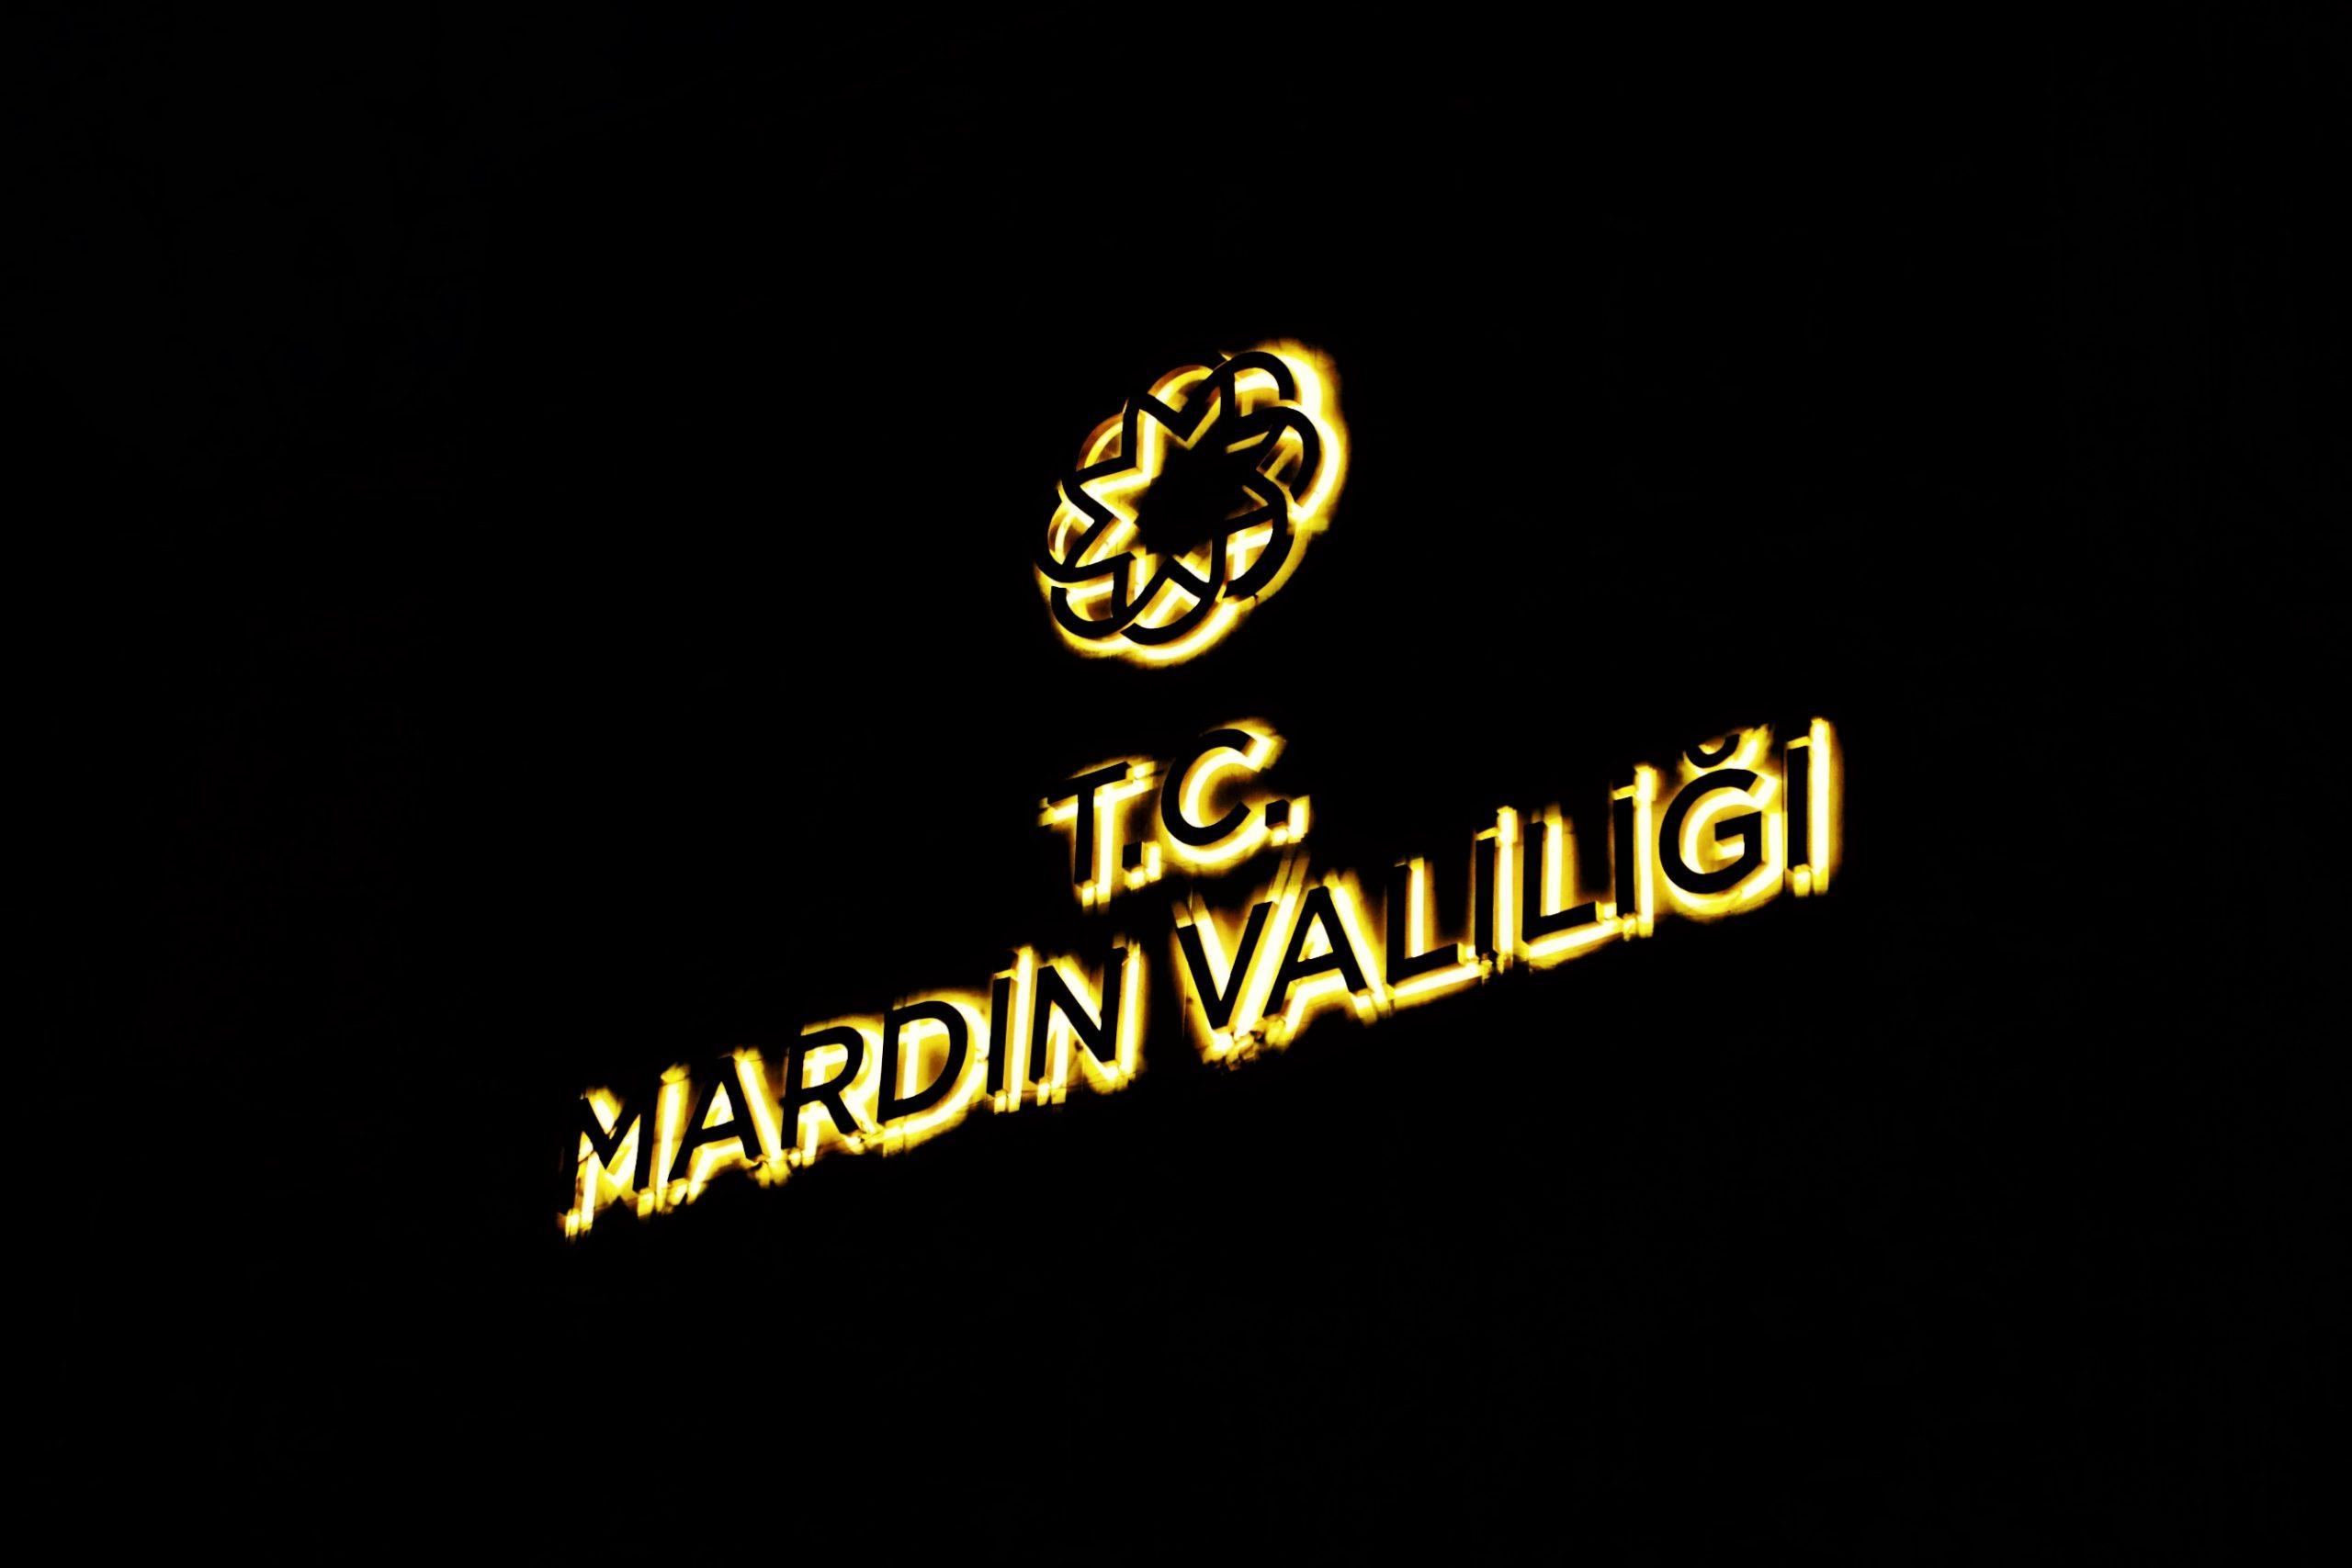 Mardin Valiliği alınan yeni koronavirüs tedbirini duyurdu